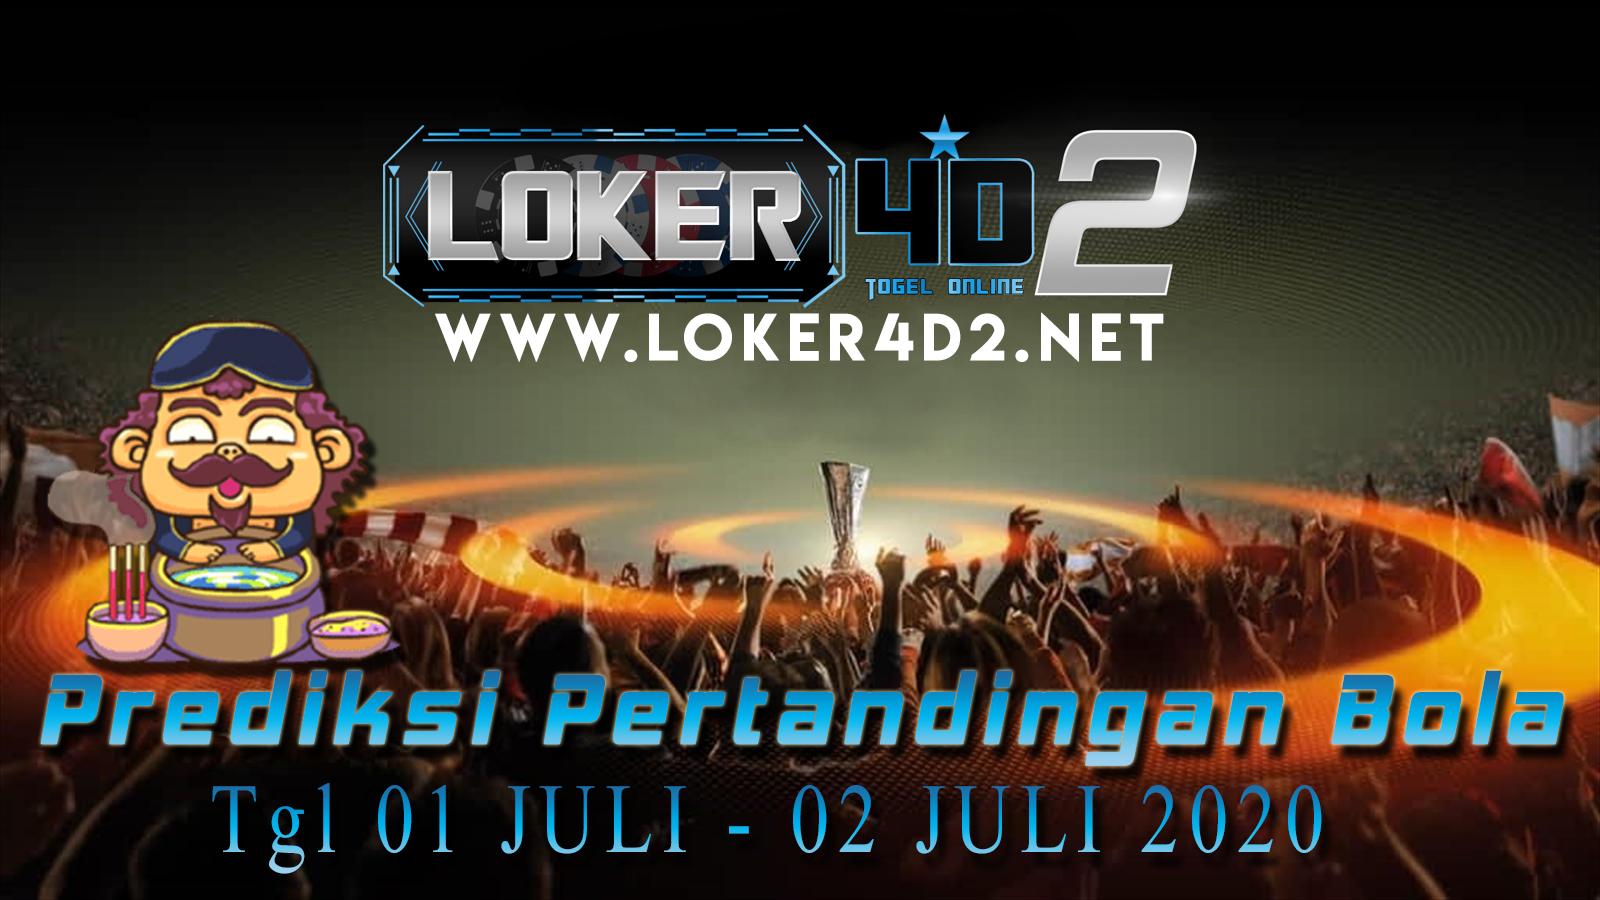 PREDIKSI PERTANDINGAN BOLA 01-02 JULI 2020